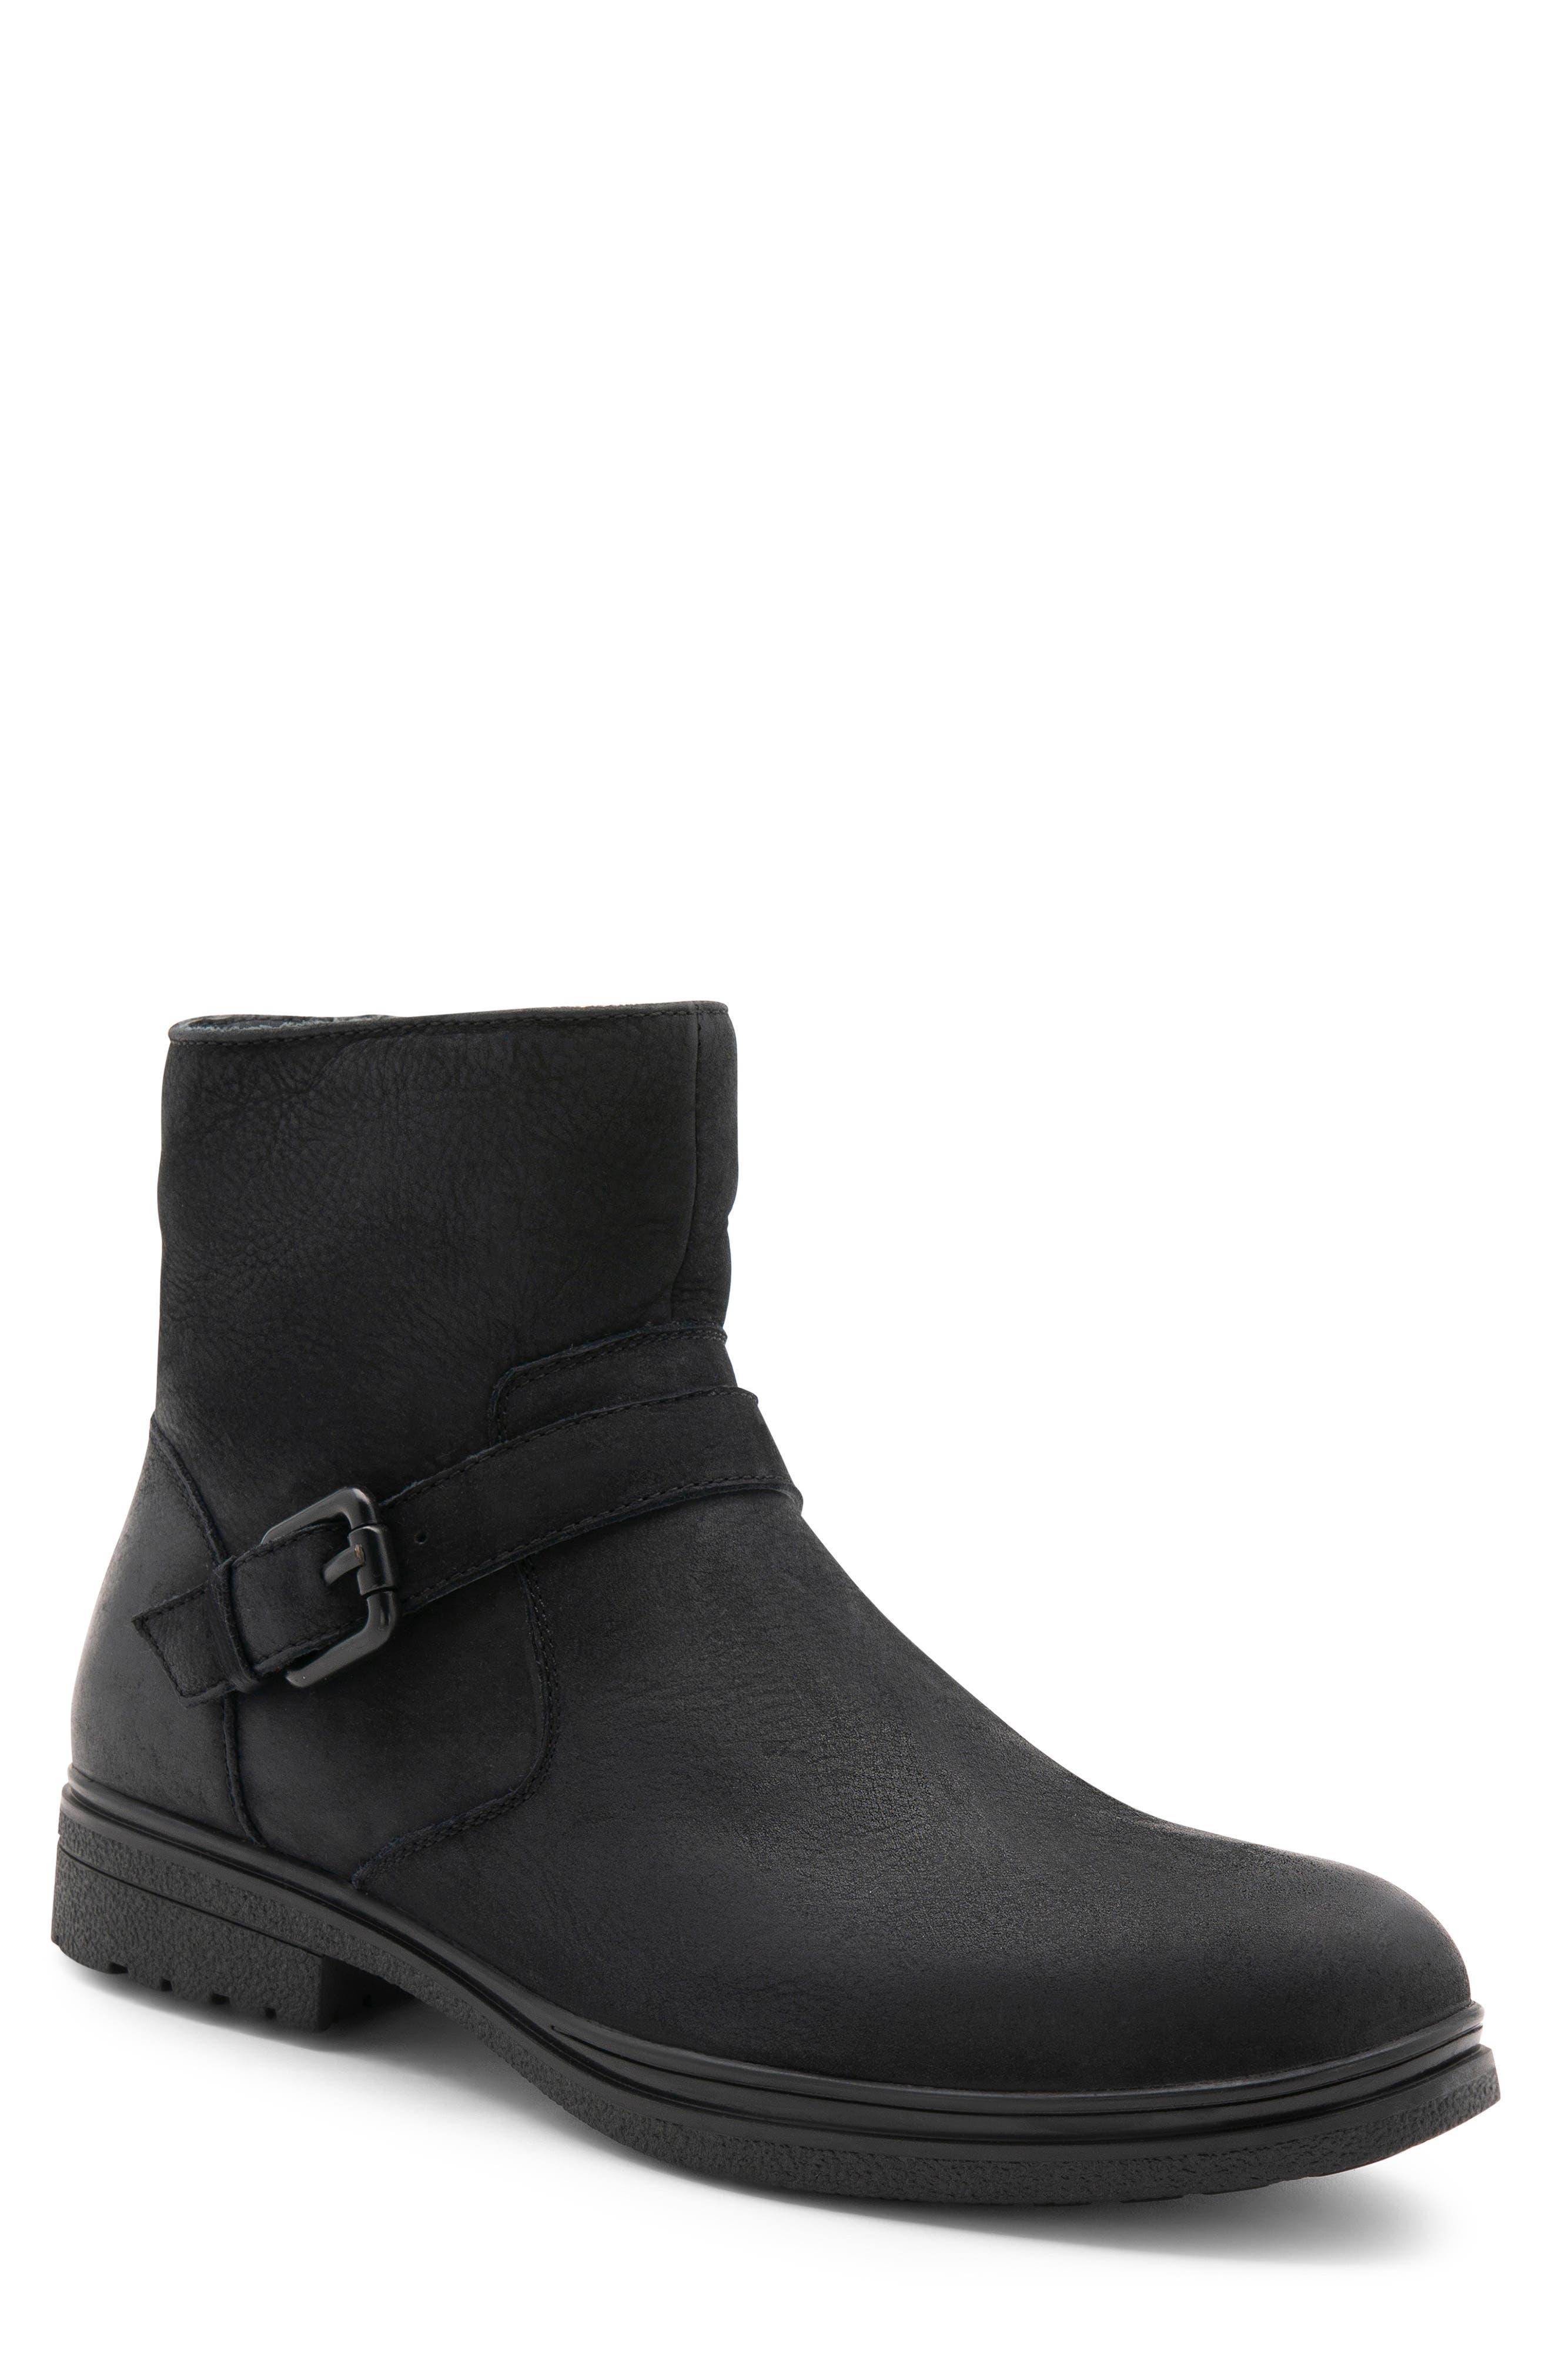 Blondo Sylvester Waterproof Buckle Boot- Black